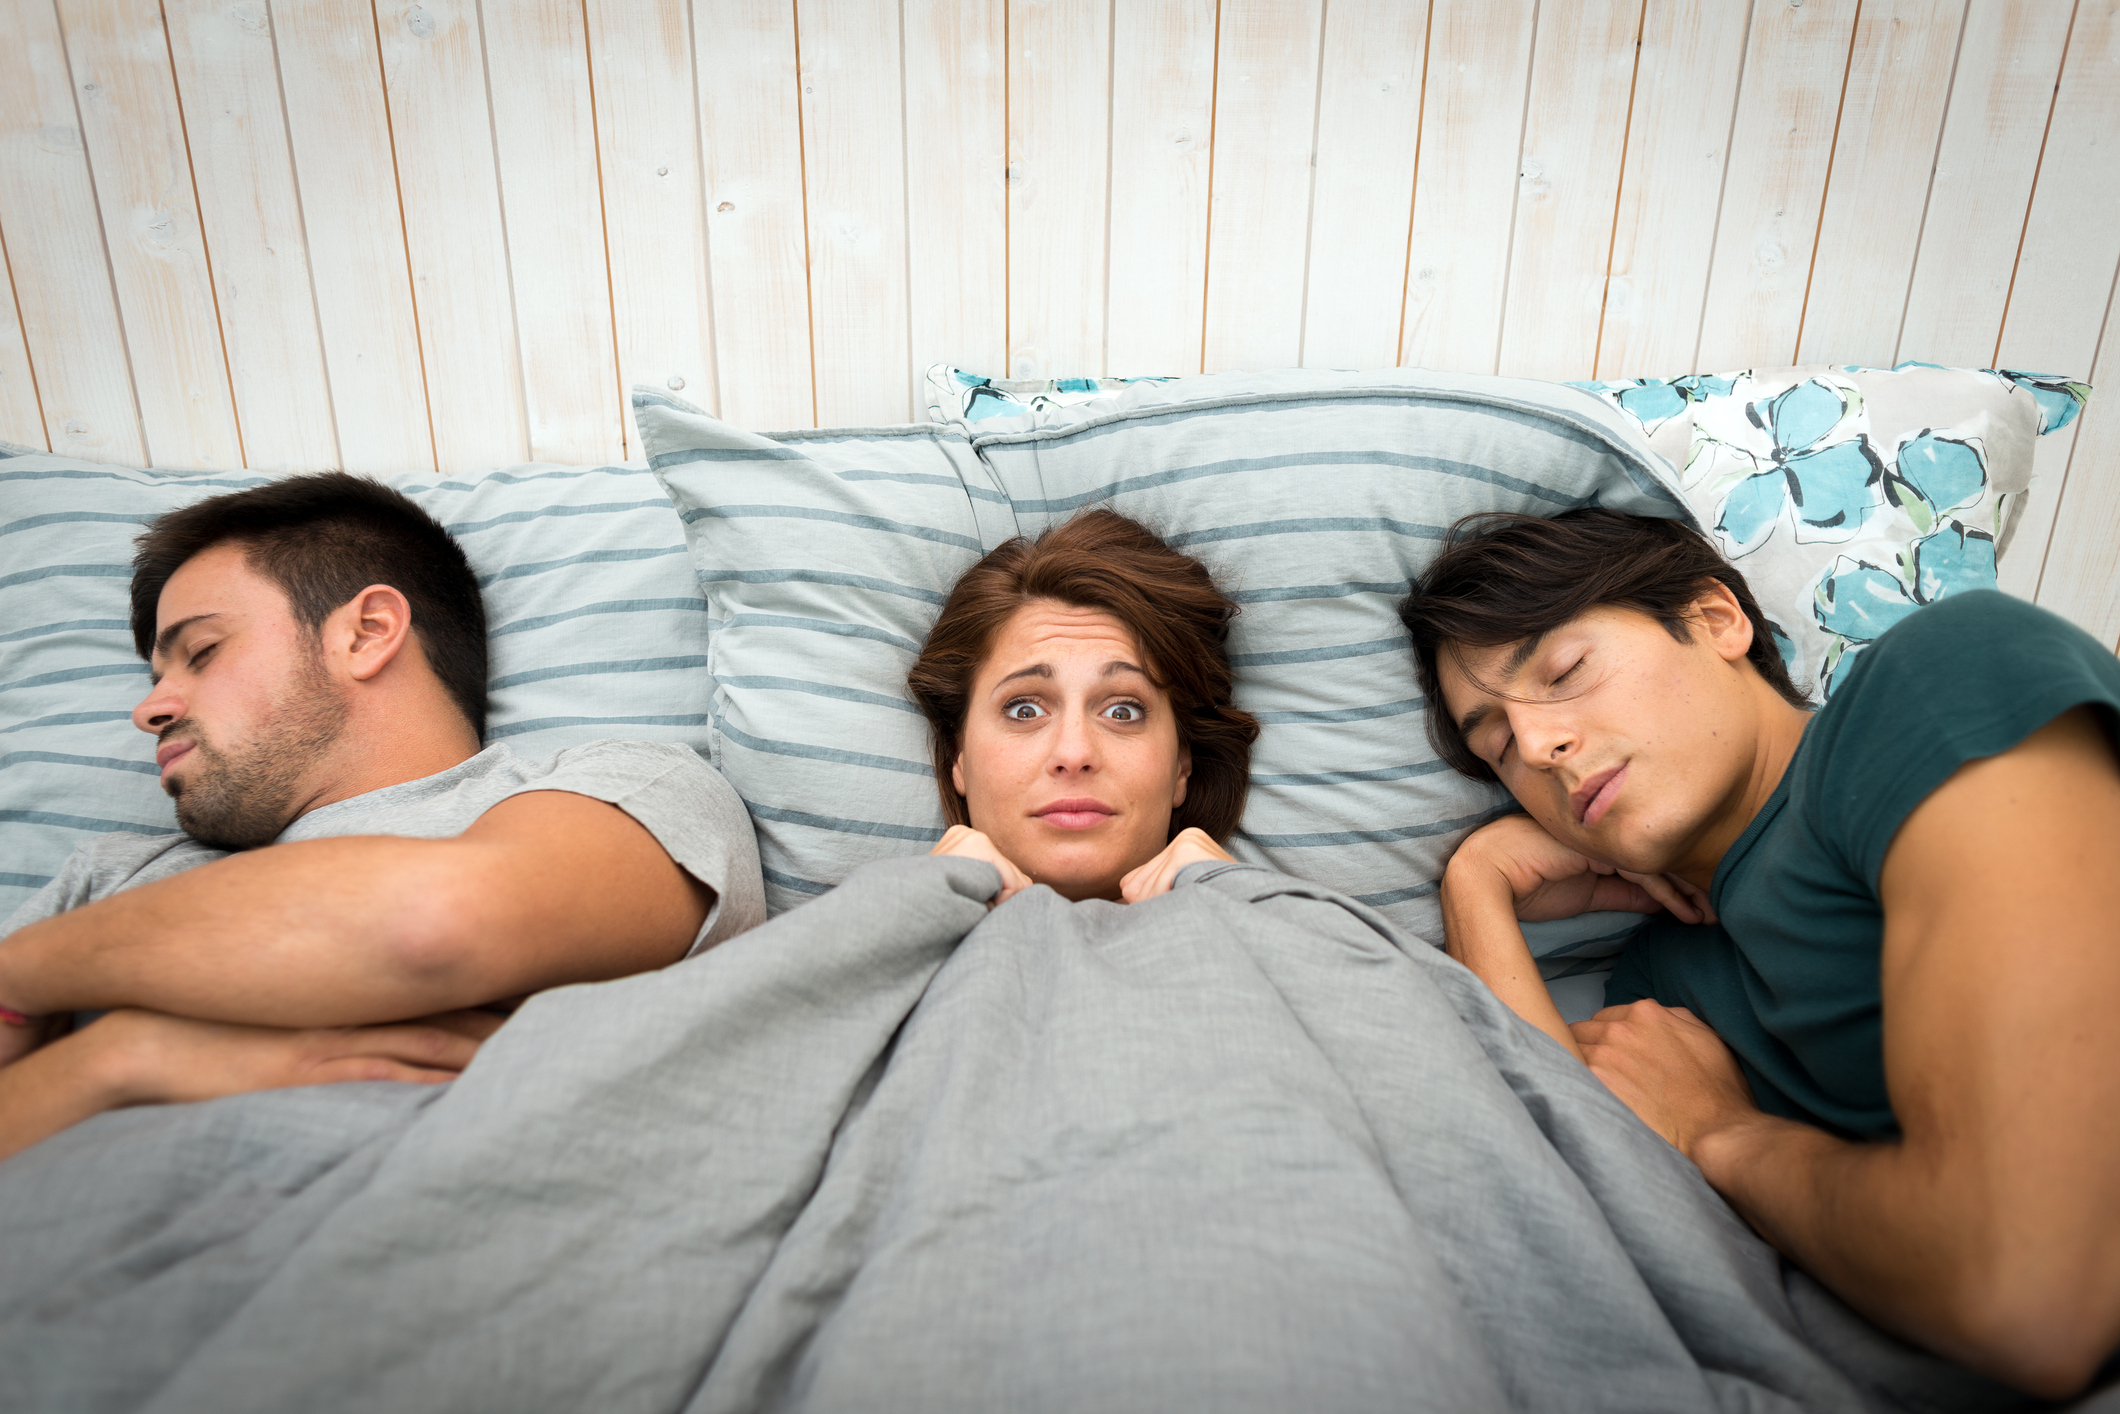 оказались в одной кровати смотреть овен предпочитает